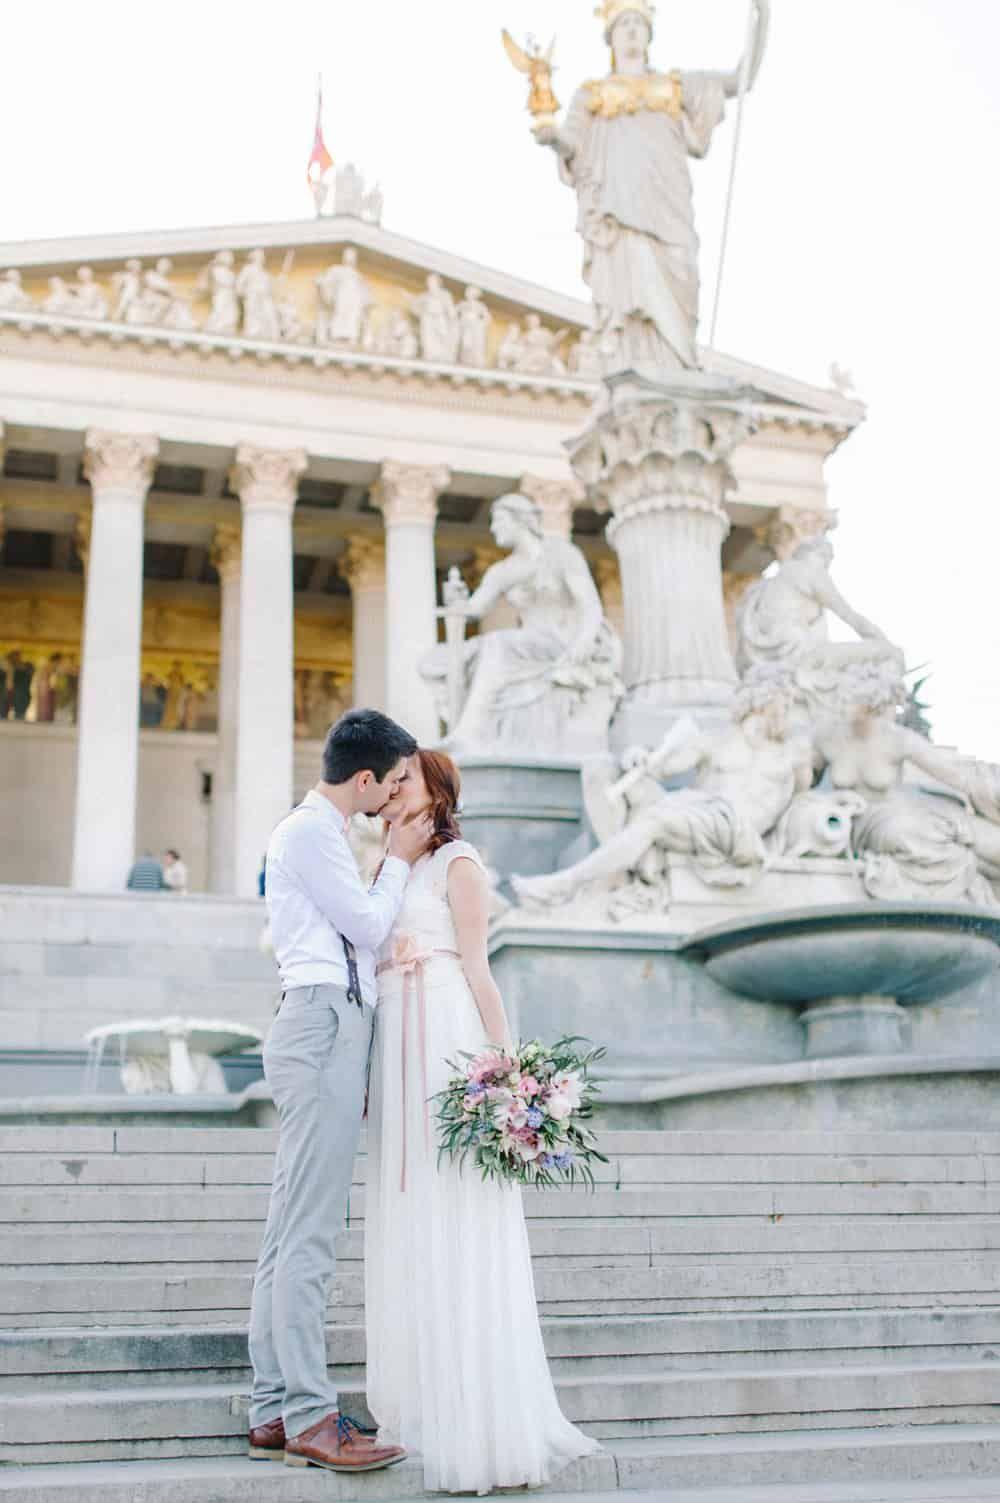 Ein After Wedding Shooting In Wien Mit Sarah Und David An Einem Traumhaften Tag Waren Wir Mit Den Beiden Im Hochzeitsfotograf Hochzeitsfotos Hochzeitsoutfit